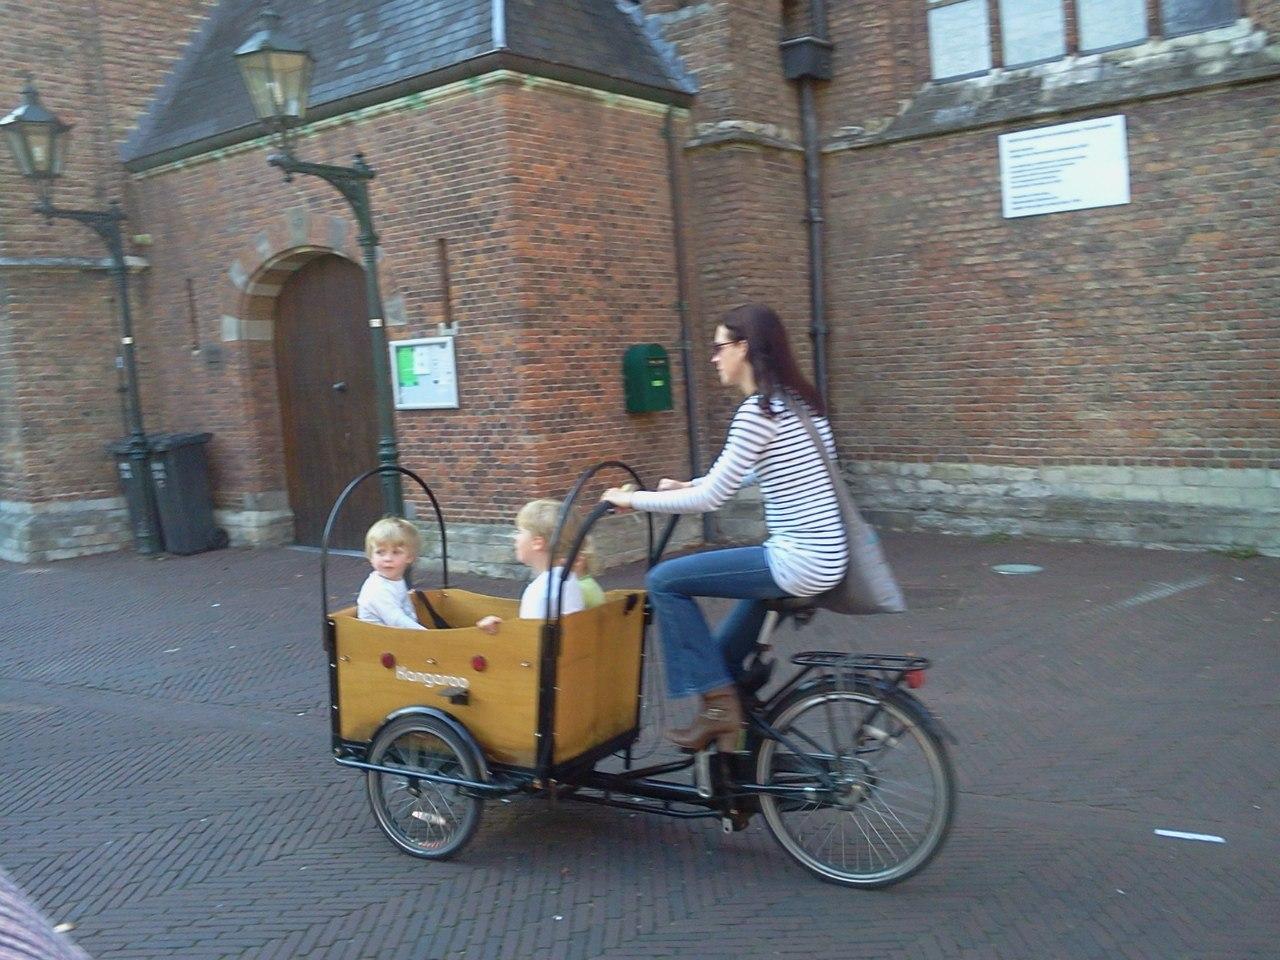 Велосипед с коляской взрослый:  популярные вопросы про беременность и ответы на них